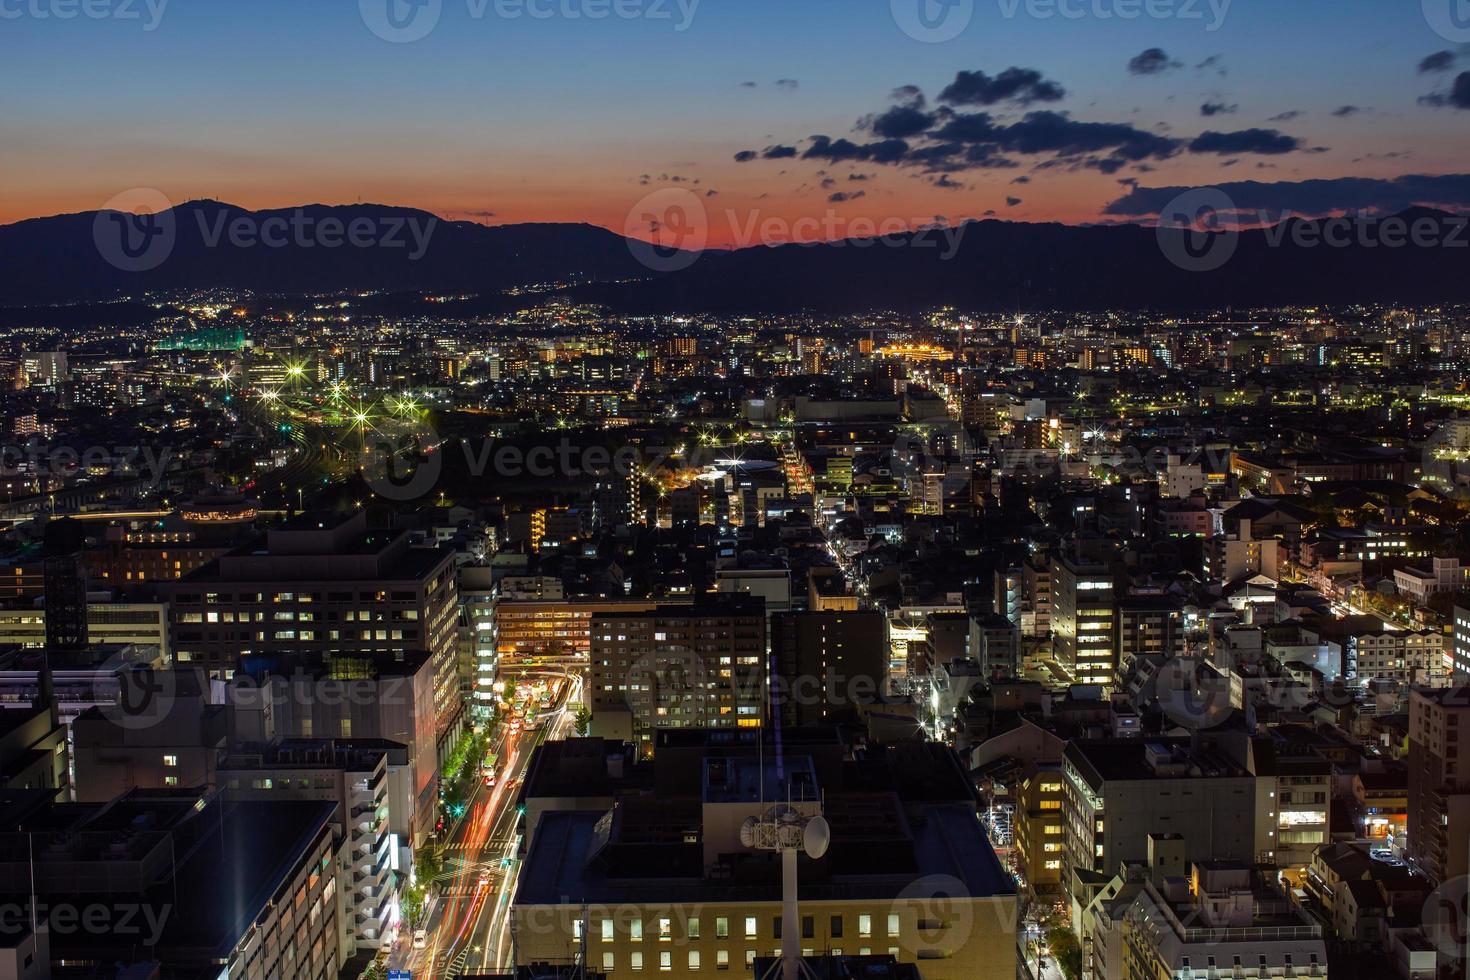 vue aérienne de la ville au coucher du soleil photo